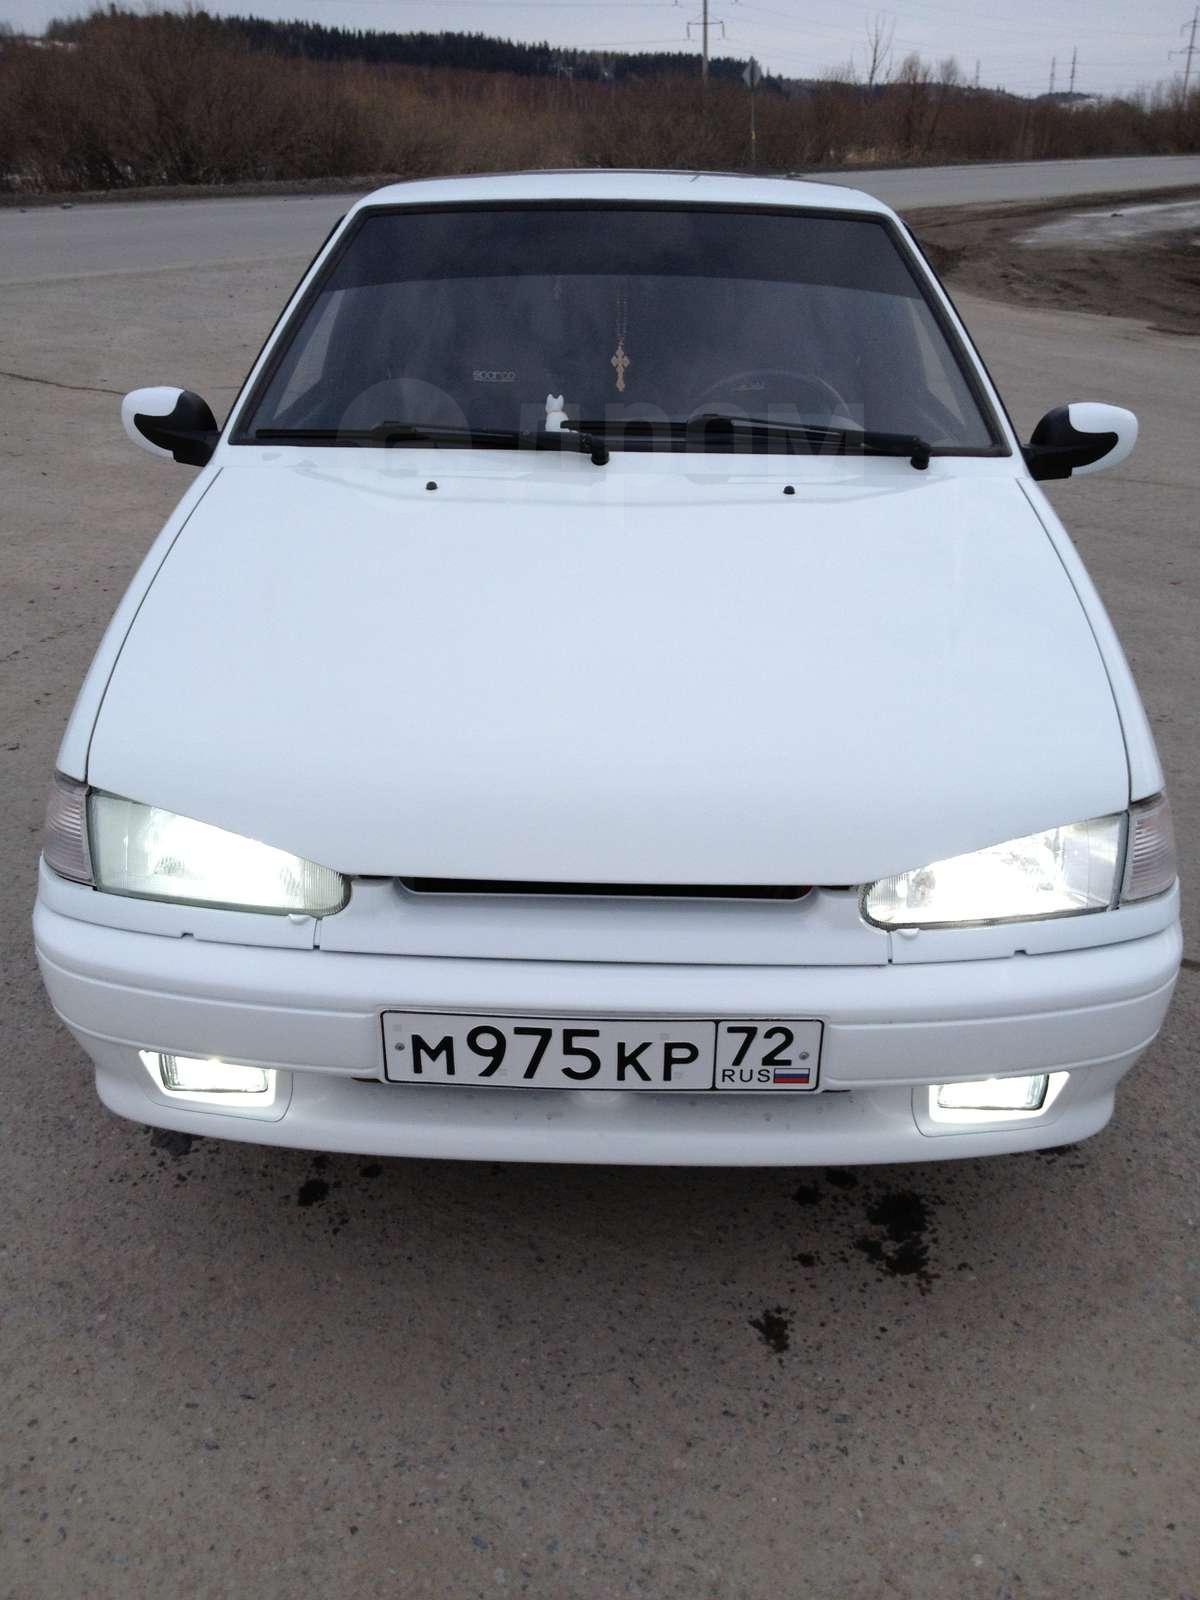 Авто 2114 за 45000 рублей